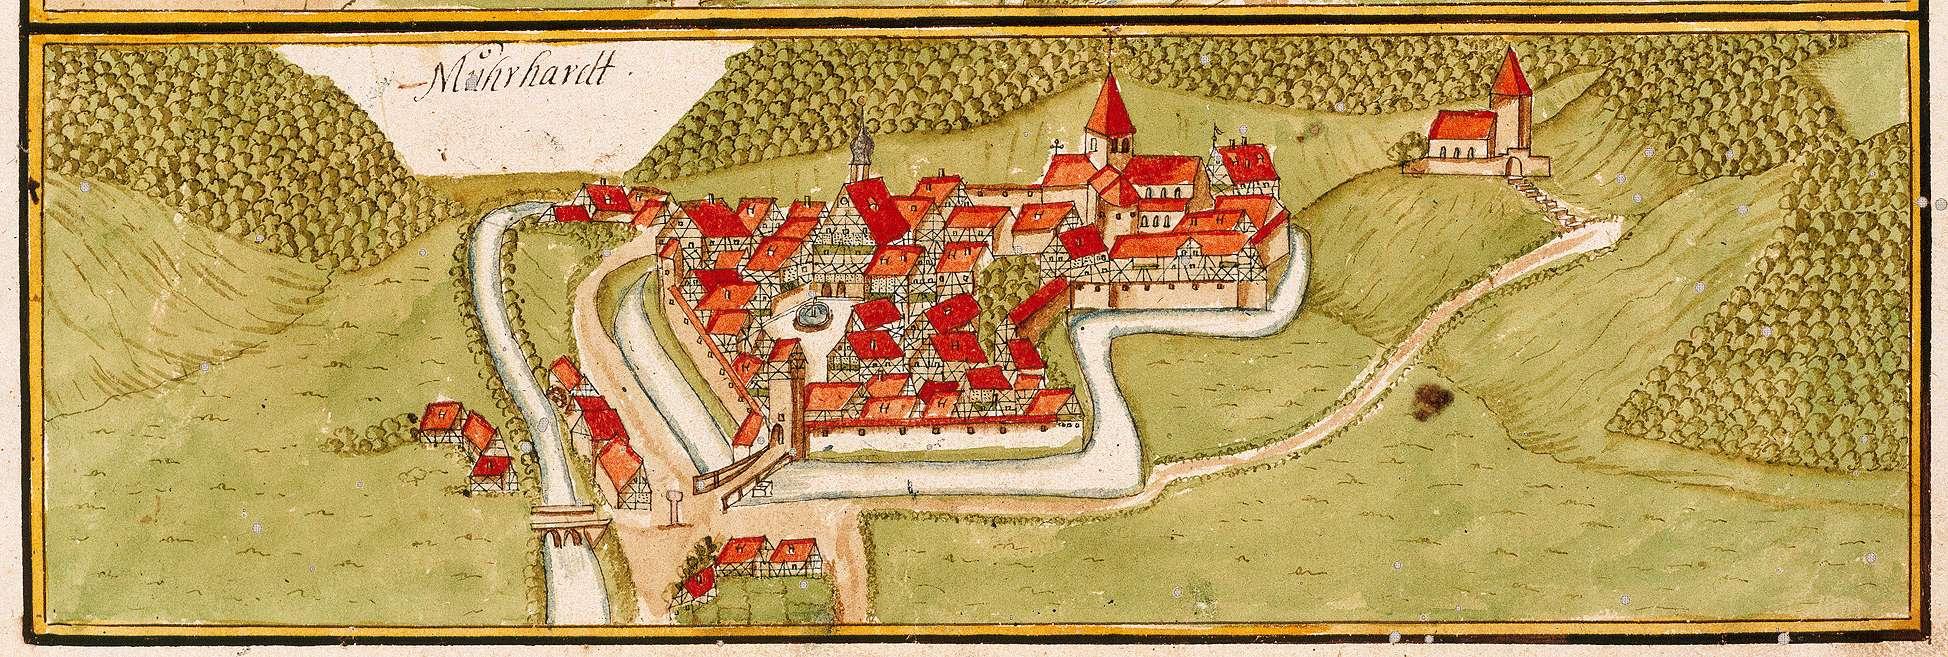 Murrhardt, Kloster WN, Bild 1